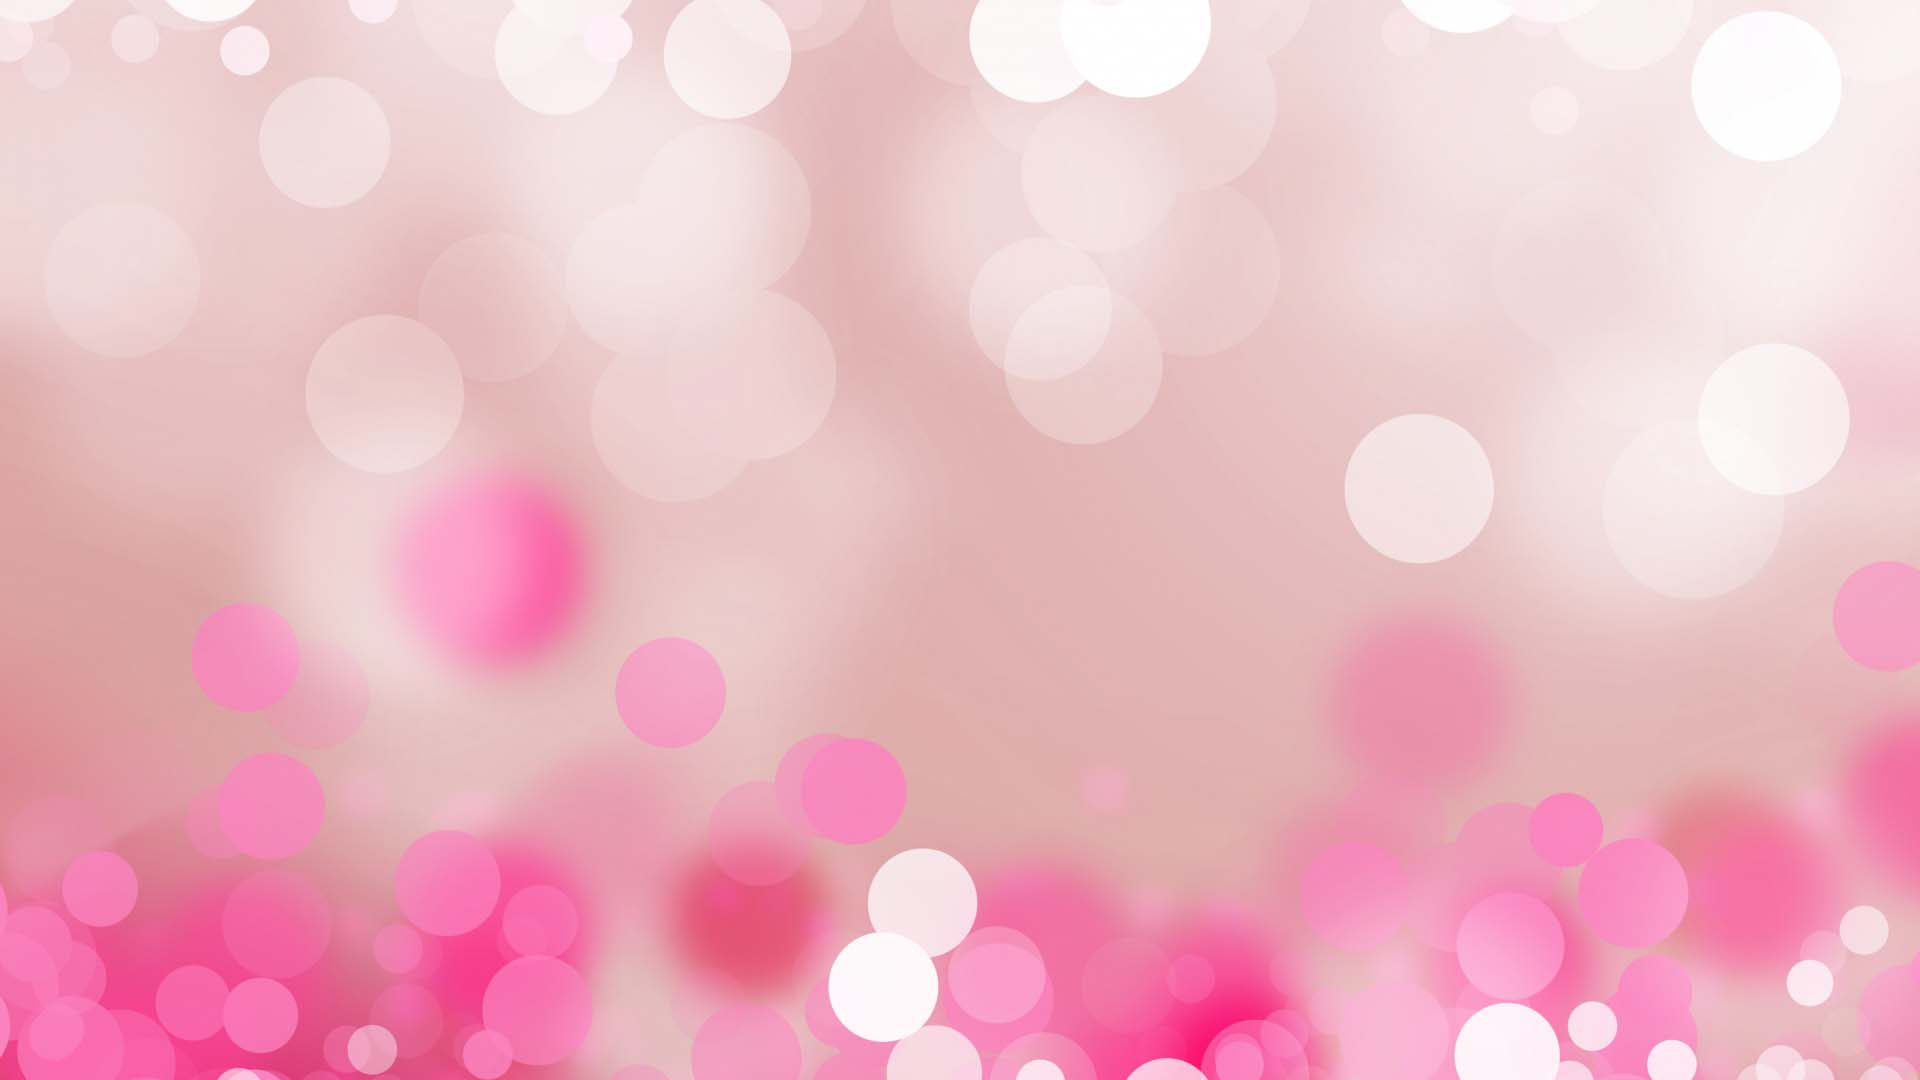 Ảnh nền đẹp màu hồng